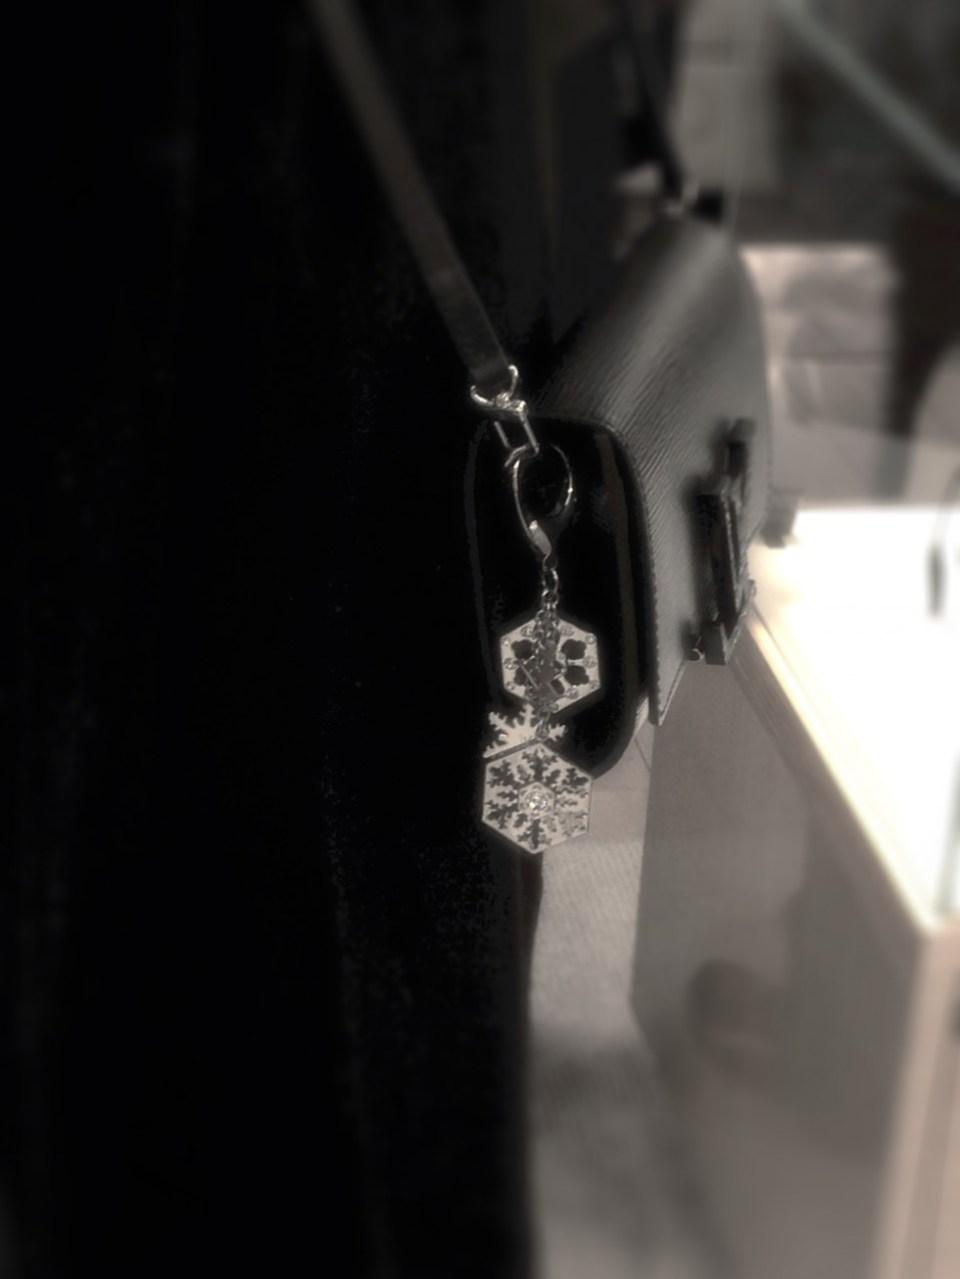 Louis Vuitton snowflake key chain